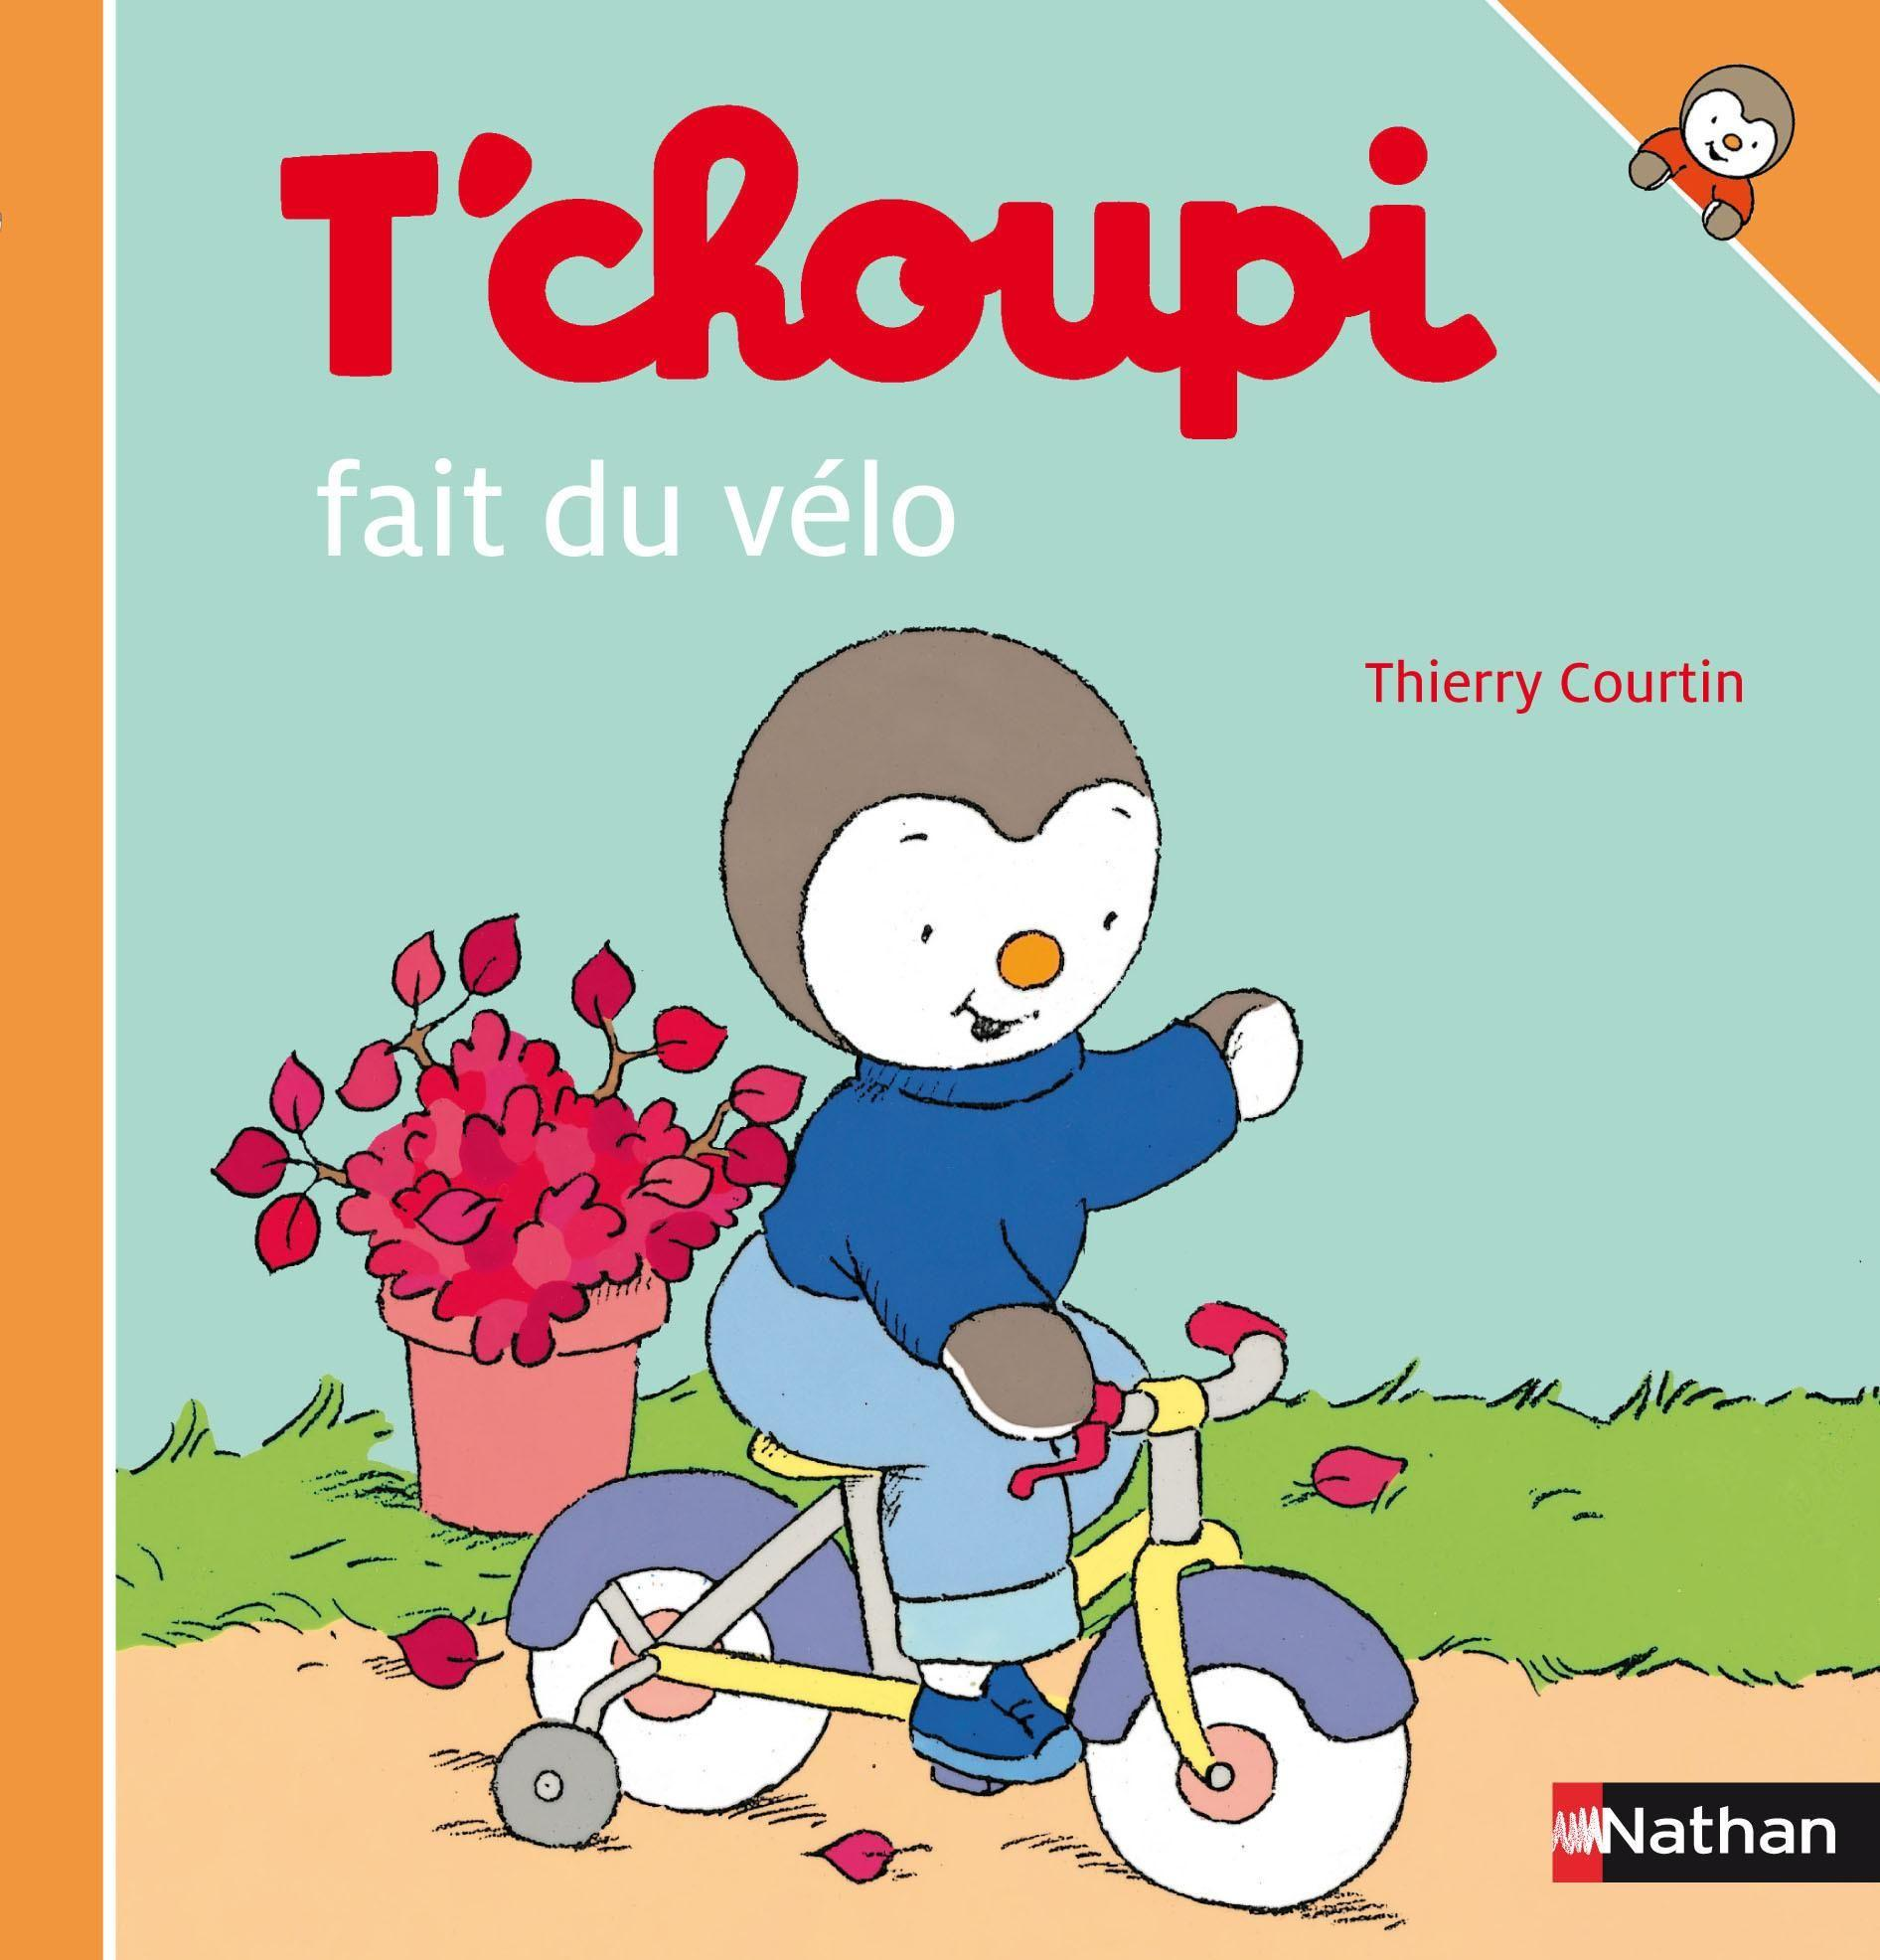 Tchoupi Et Le Velo